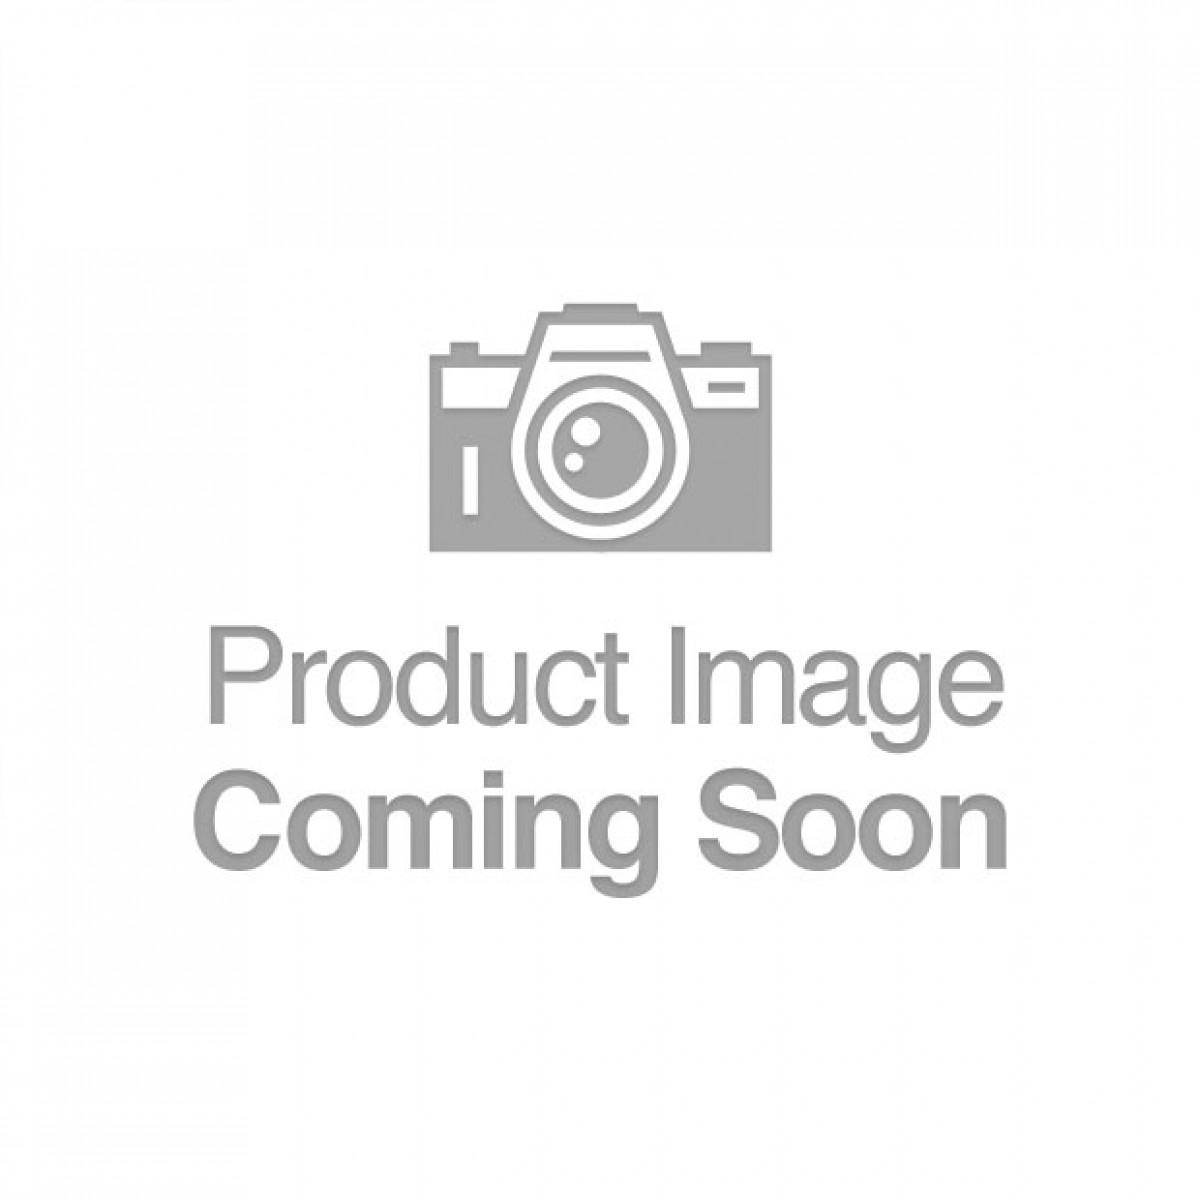 OhMiBod Lumen LED Pleasure Plug - Black